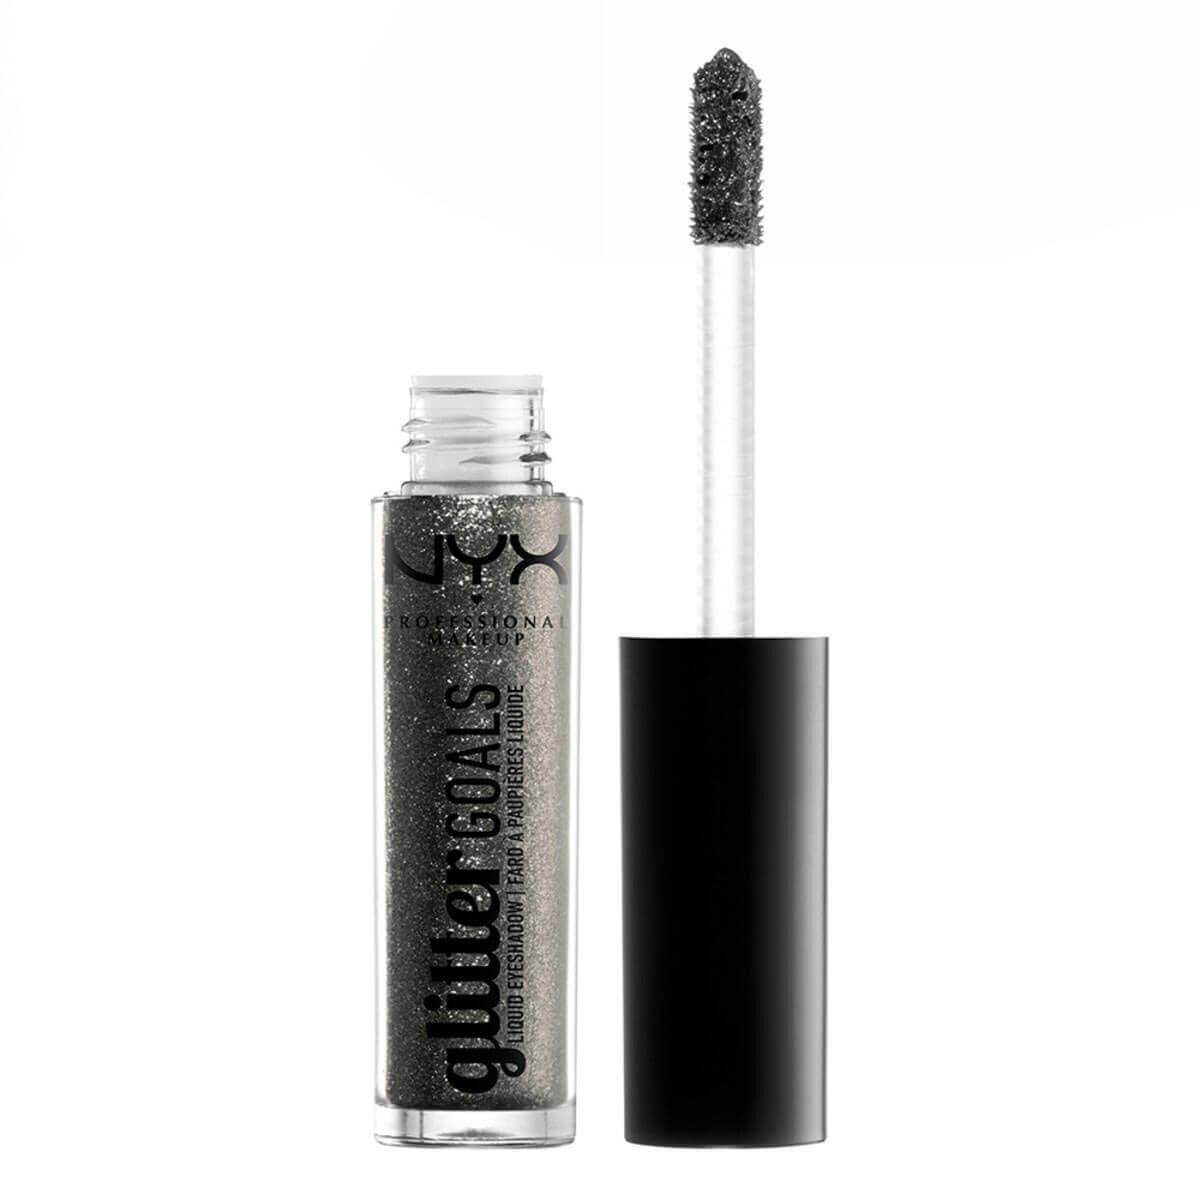 Glitter Goals Liquid Eyeshadow - Shade 08